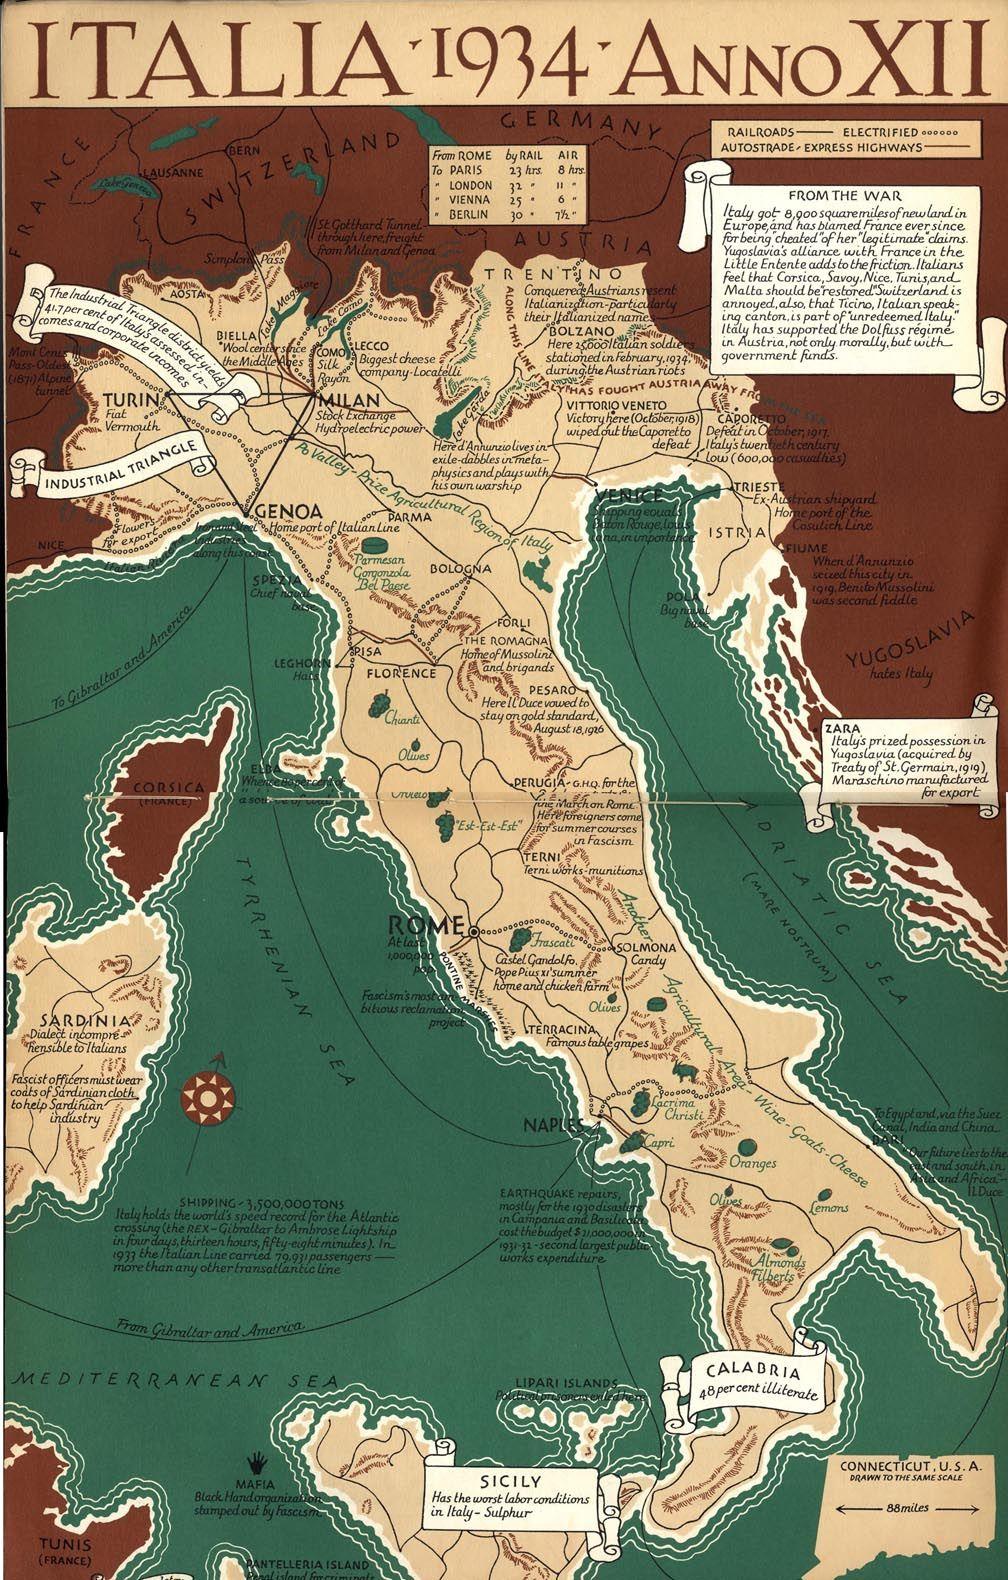 Cartina Dell Italia In Miniatura.Vintage Map Of Italy 1934 Mappe Antiche Mappa Dell Italia Immagini